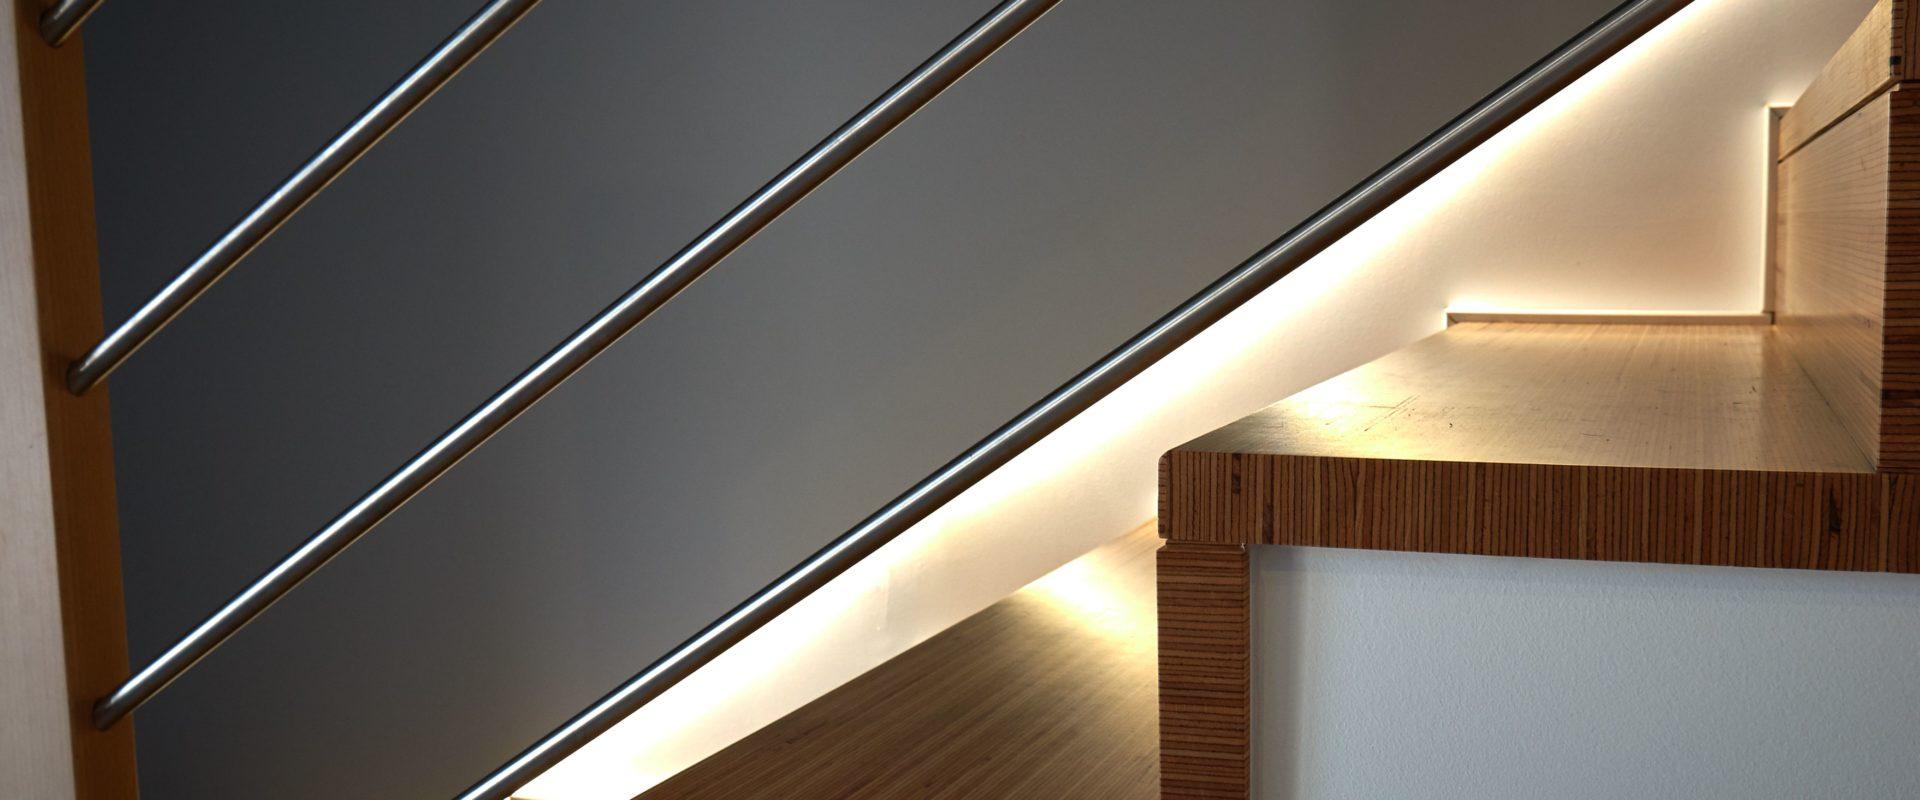 Menuiserie-Jean-Paul-Maire-Neufchateau-Habillage-Escaliers